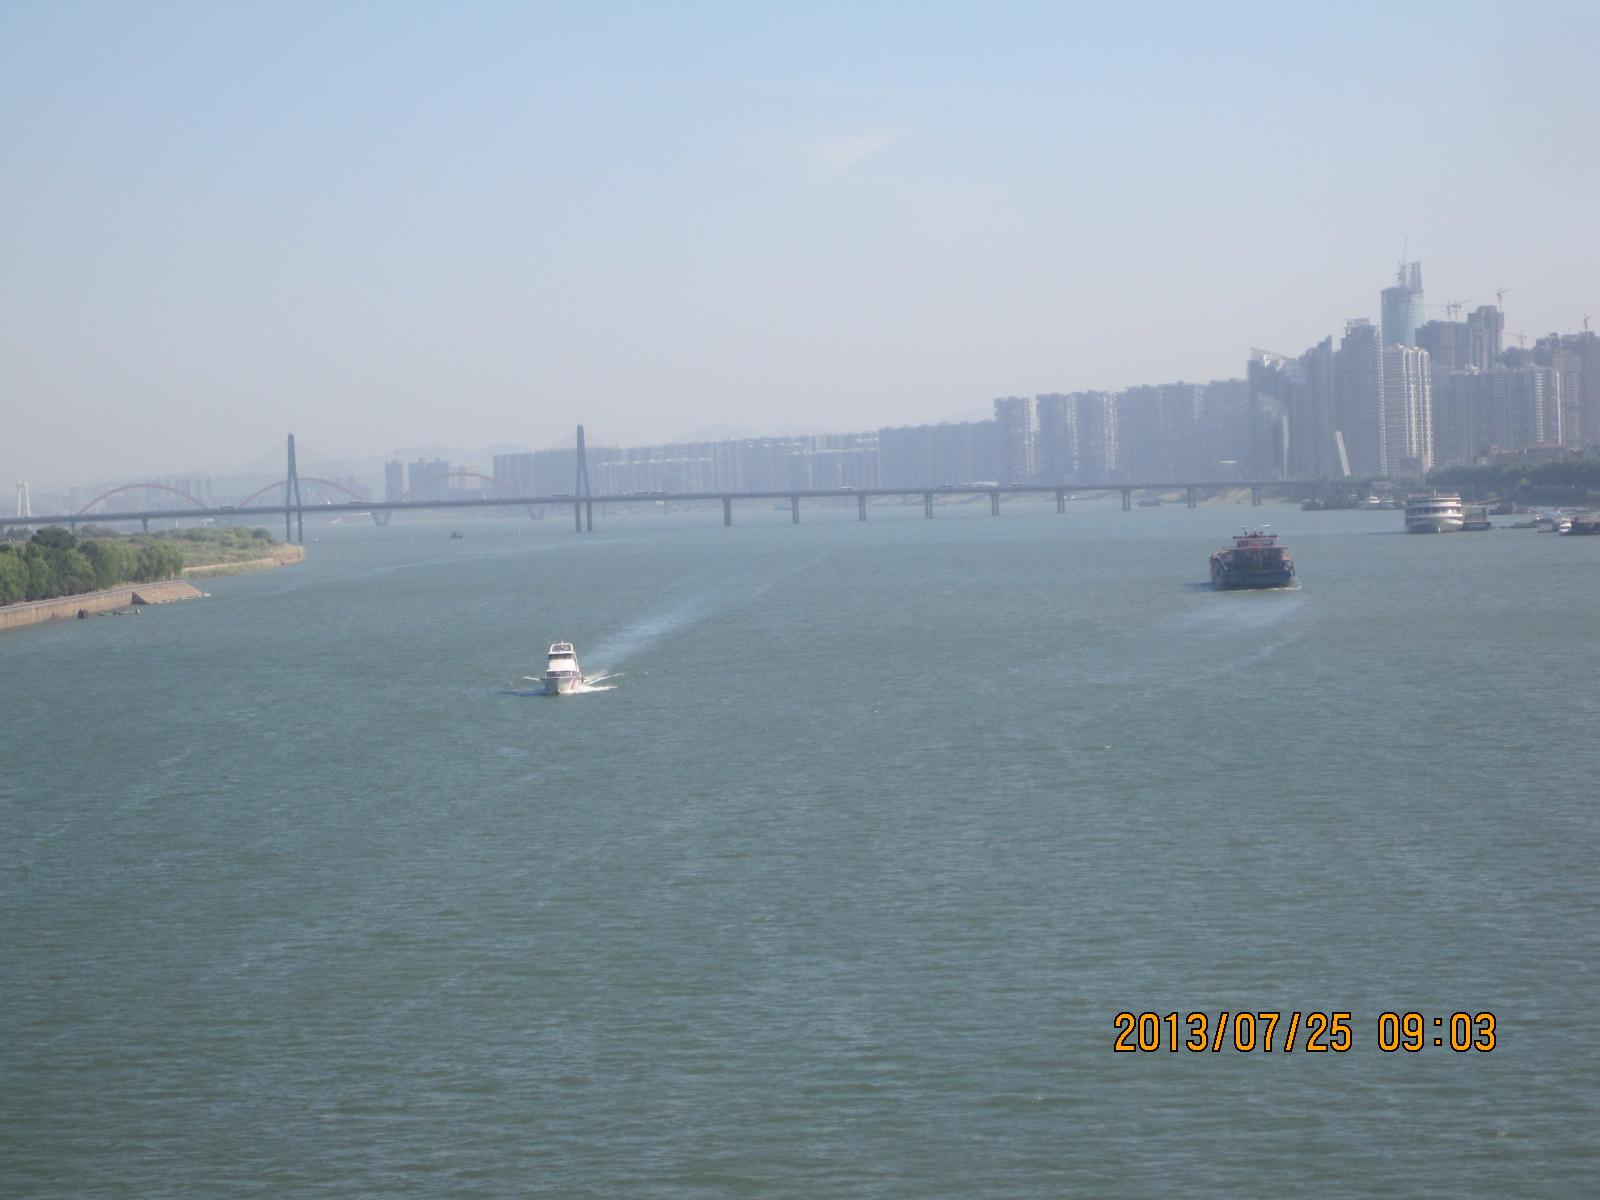 正在过湘江,江面很宽,橘子洲近在眼前.